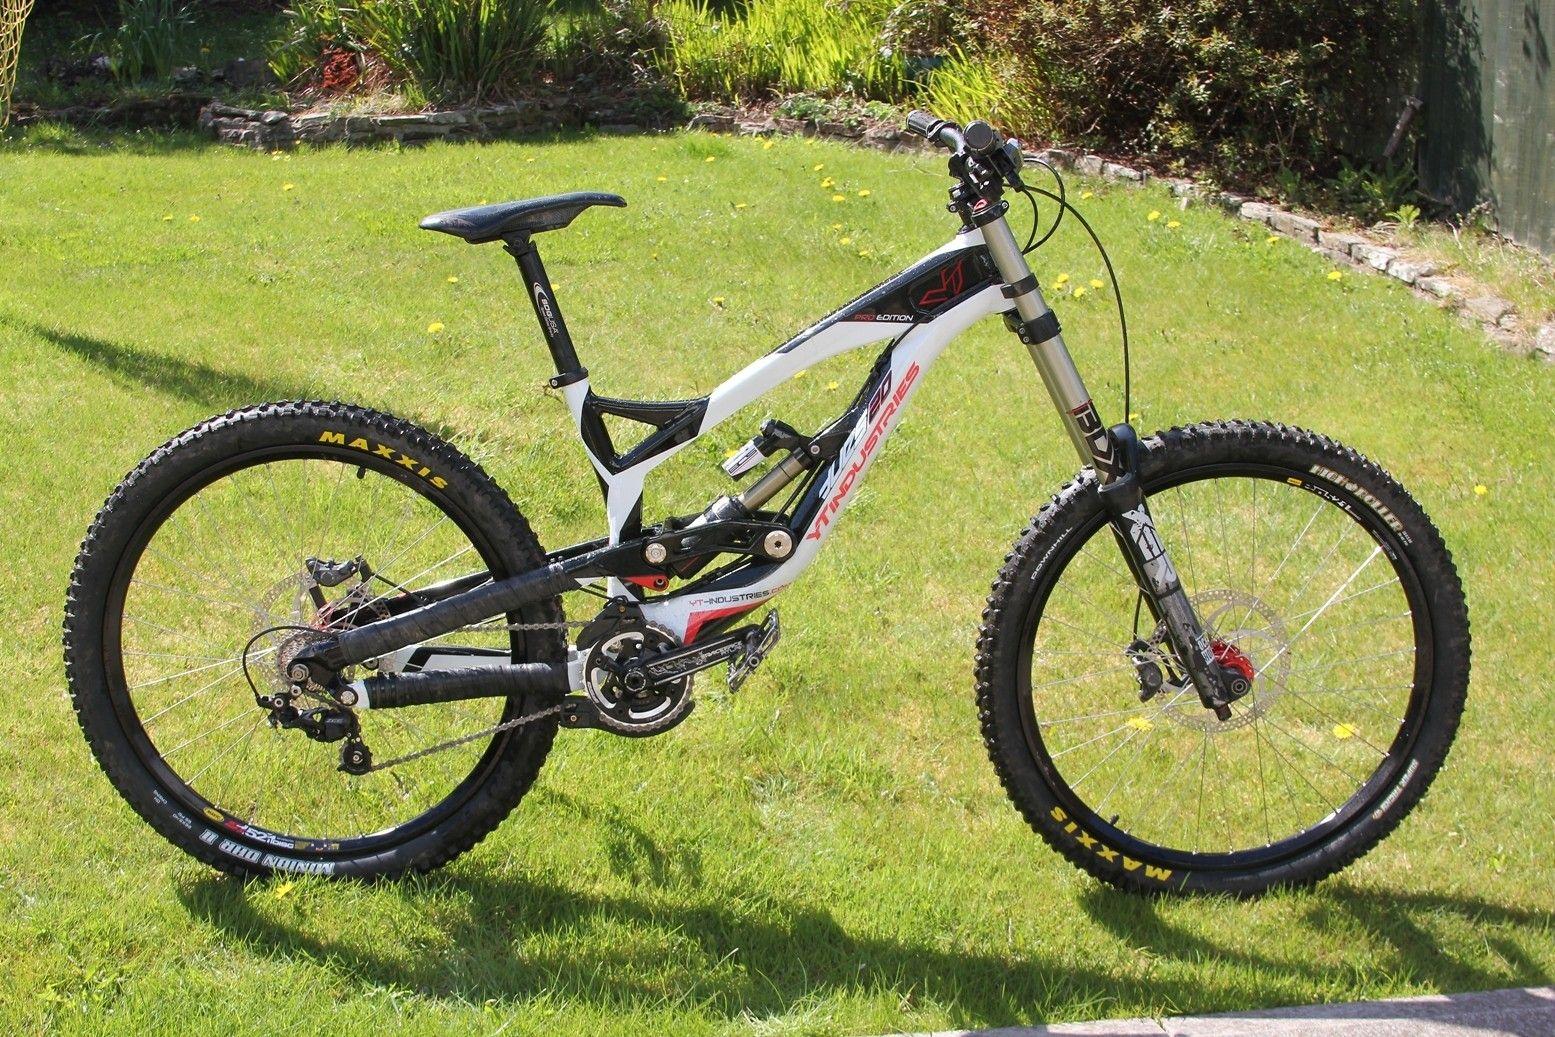 Yt Tues 2 0 Mattaddison S Bike Check Vital Mtb Looks